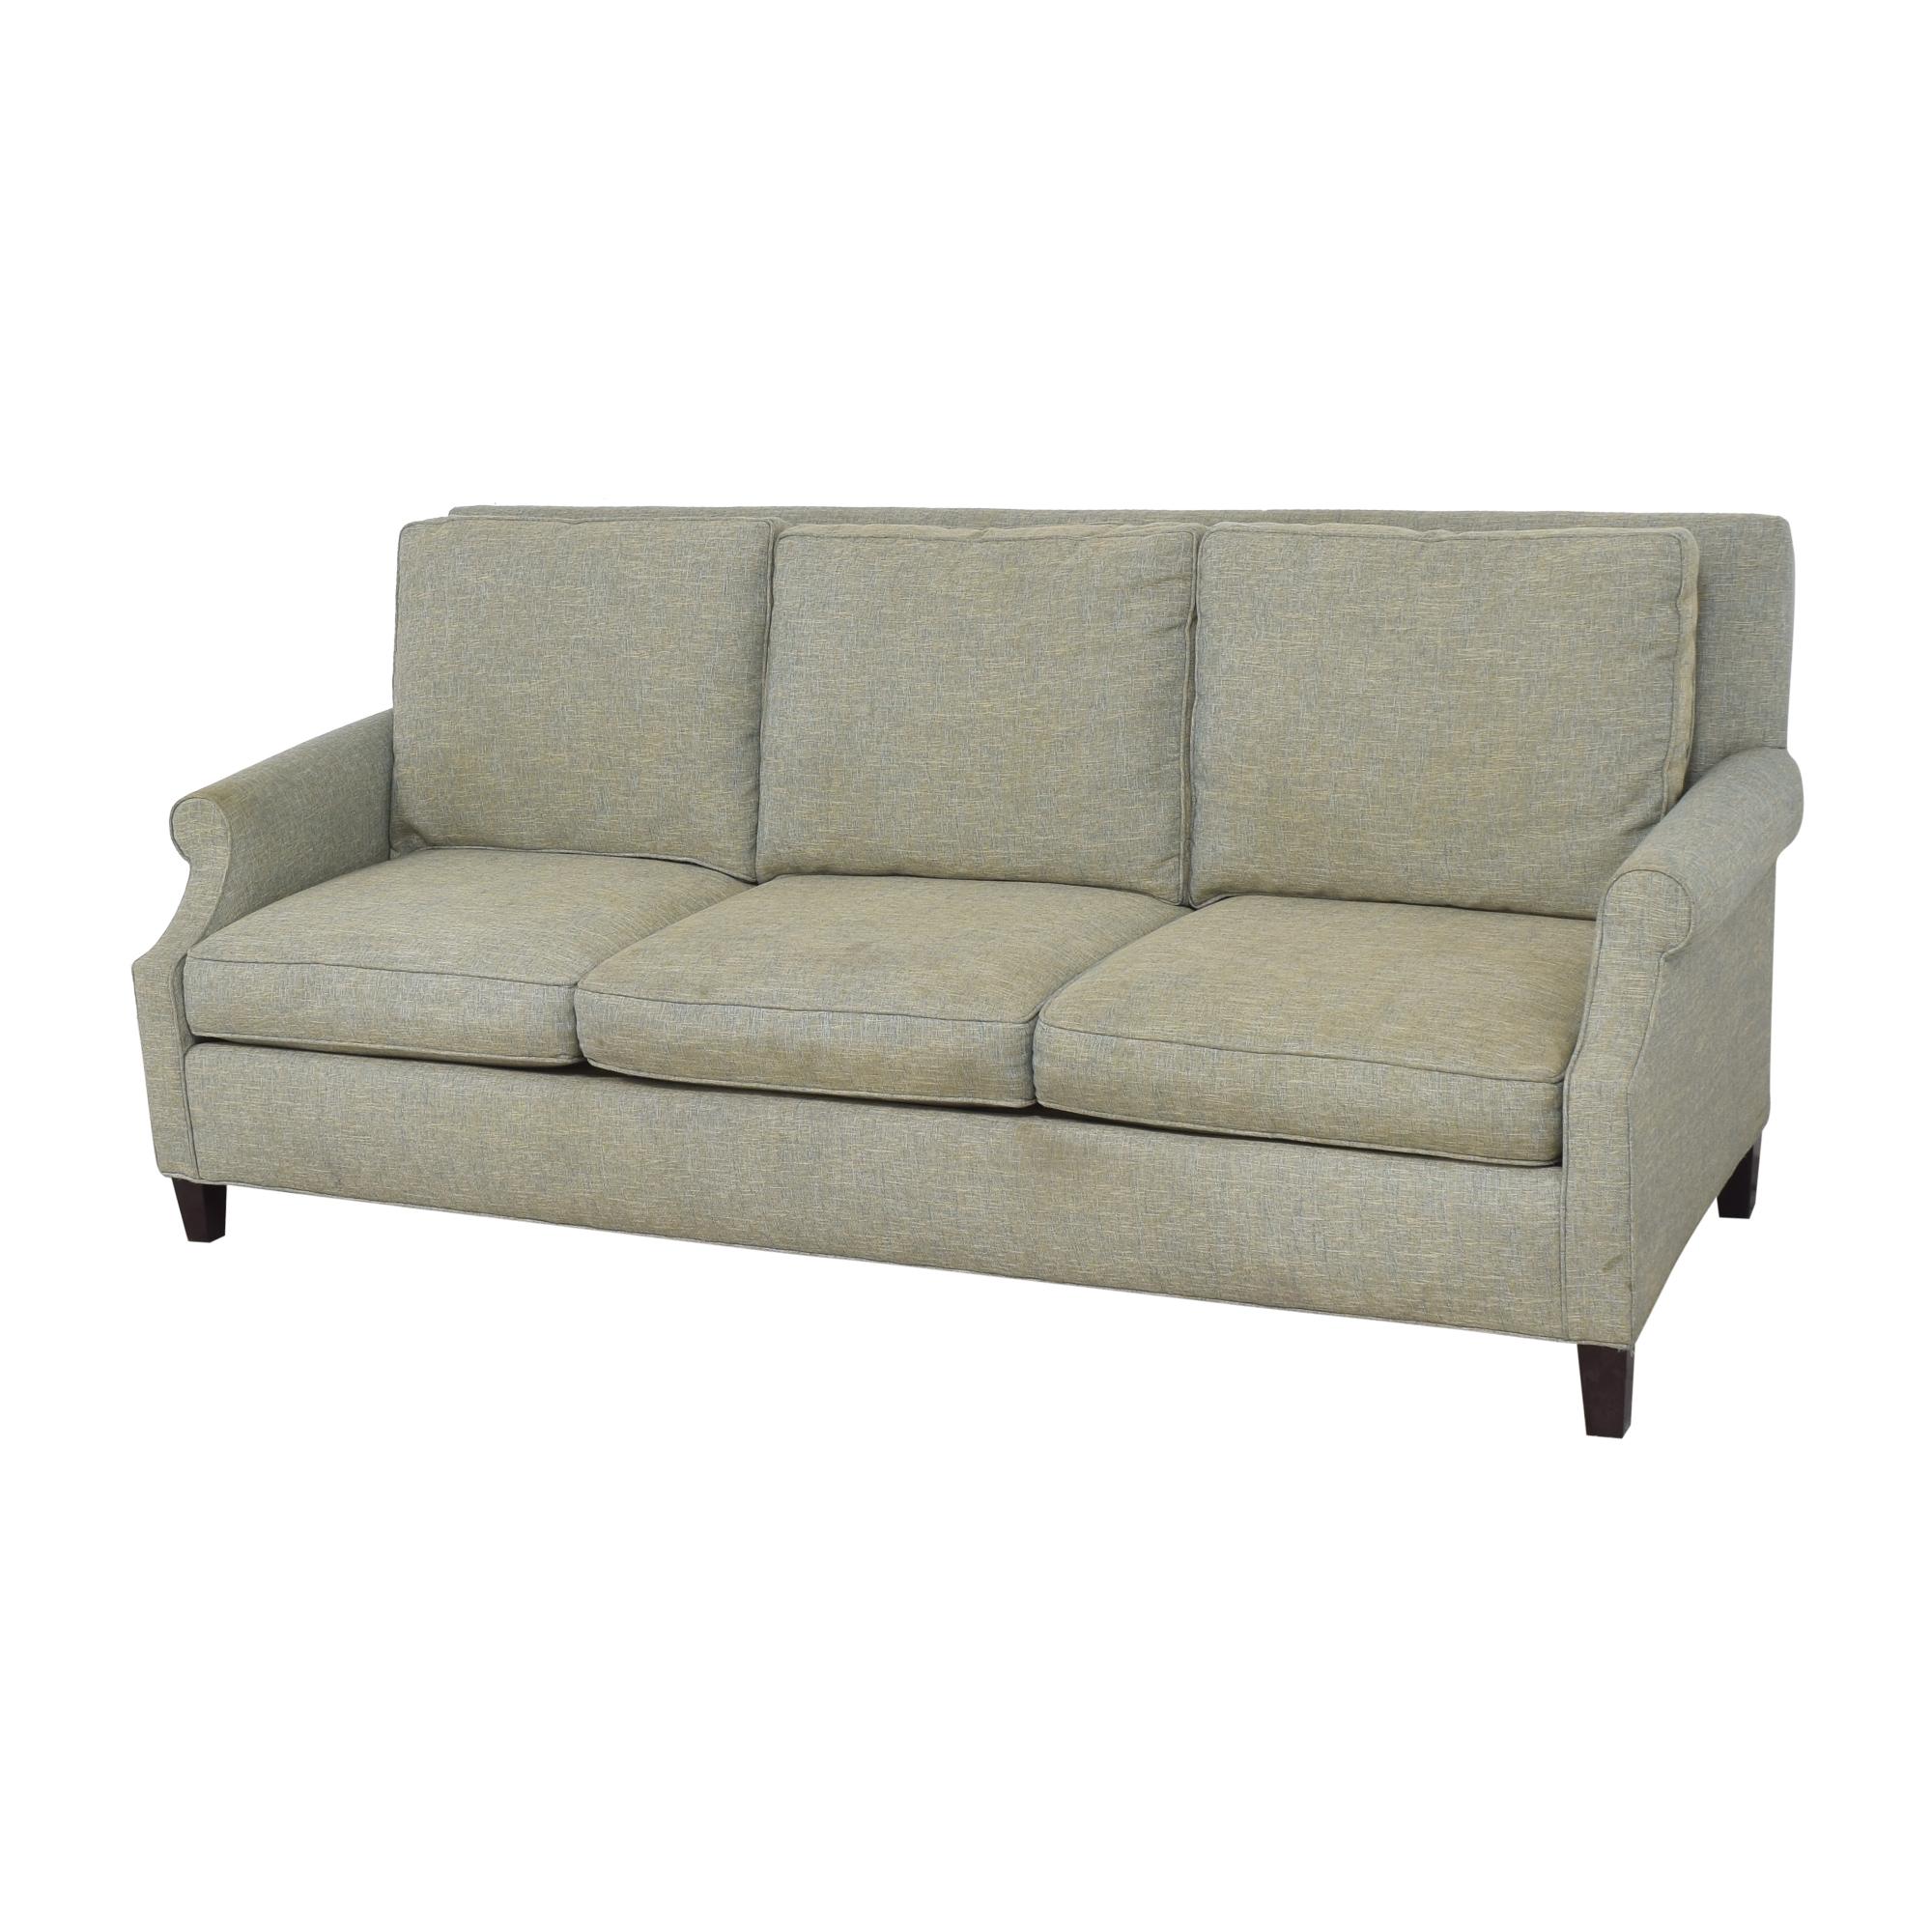 shop Stickley Furniture Natick Sofa Stickley Furniture Classic Sofas